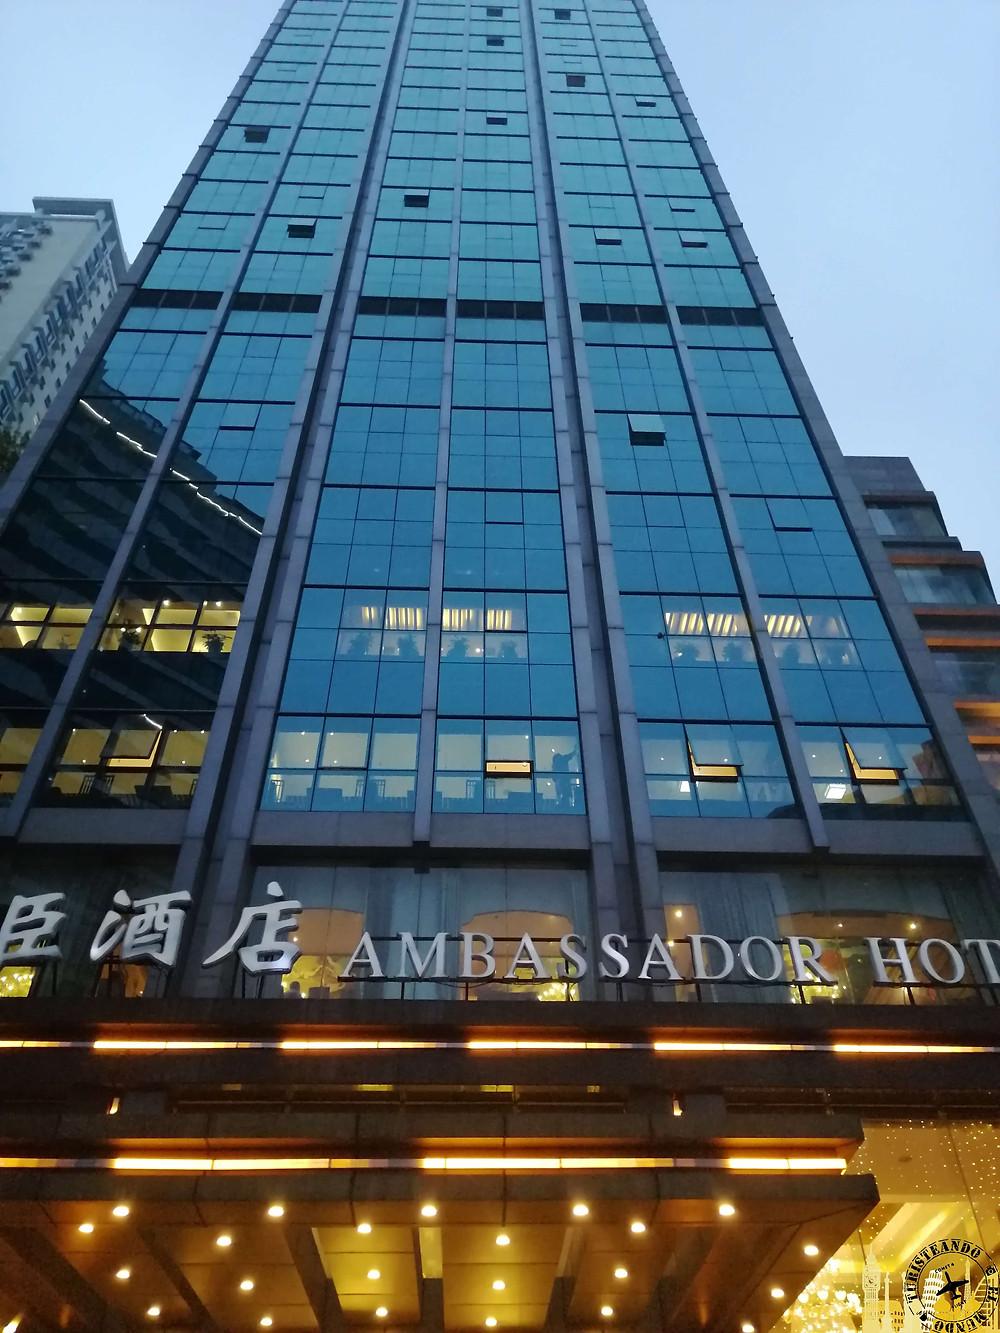 Hotel Ambassador de Shanghai, China